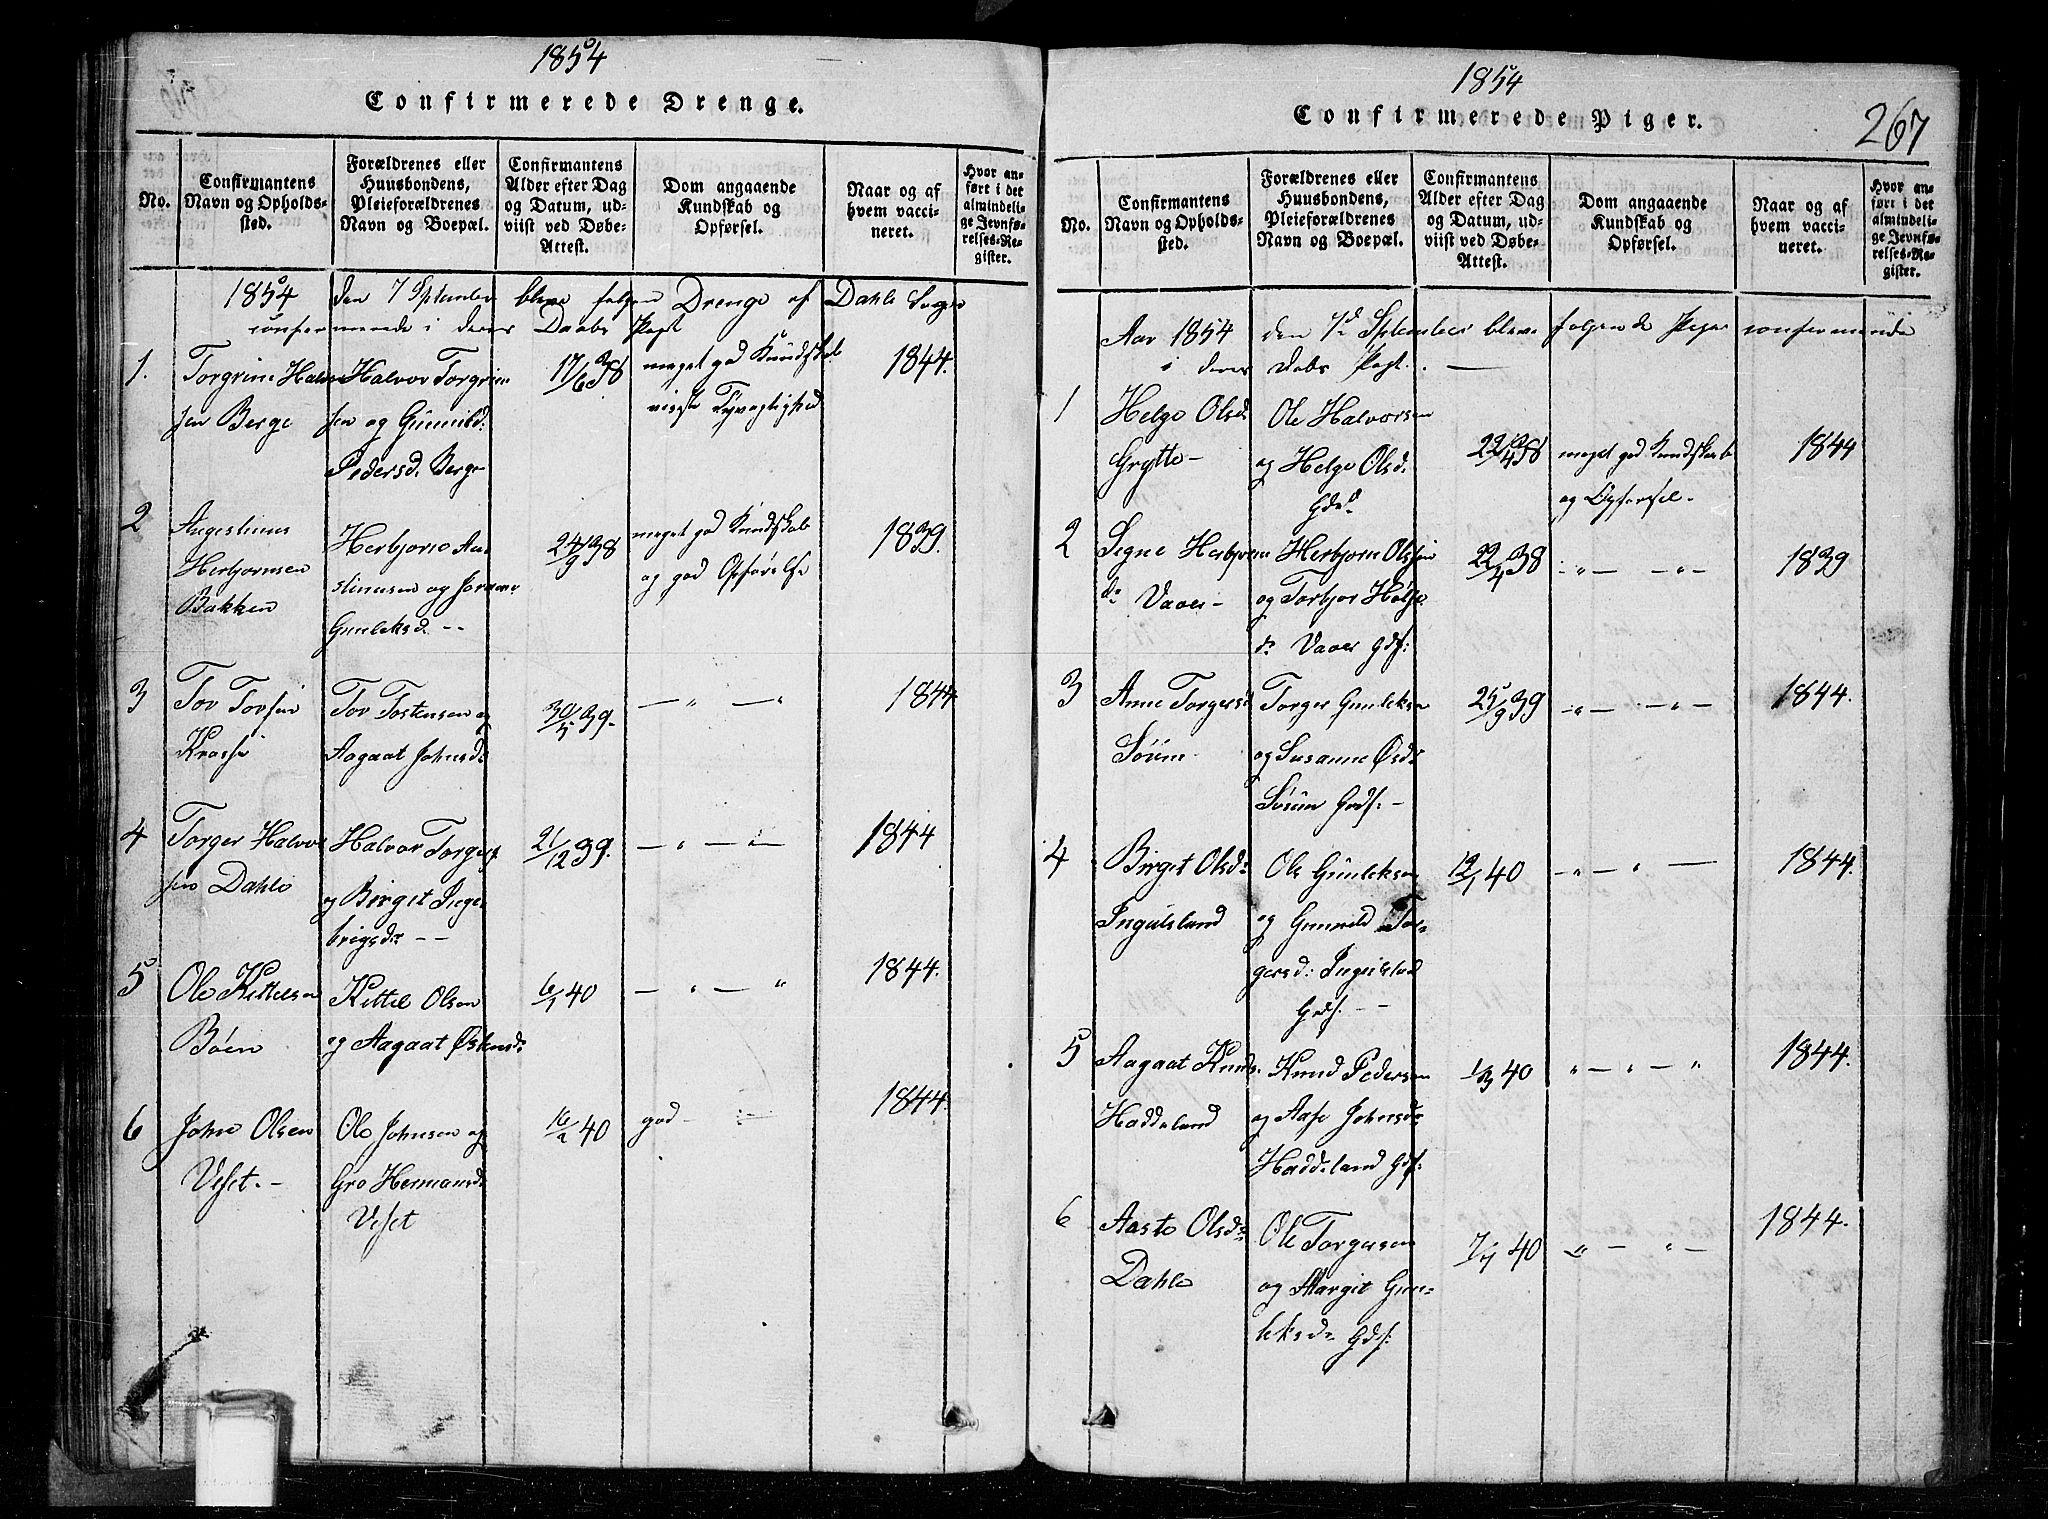 SAKO, Tinn kirkebøker, G/Gc/L0001: Klokkerbok nr. III 1, 1815-1879, s. 267